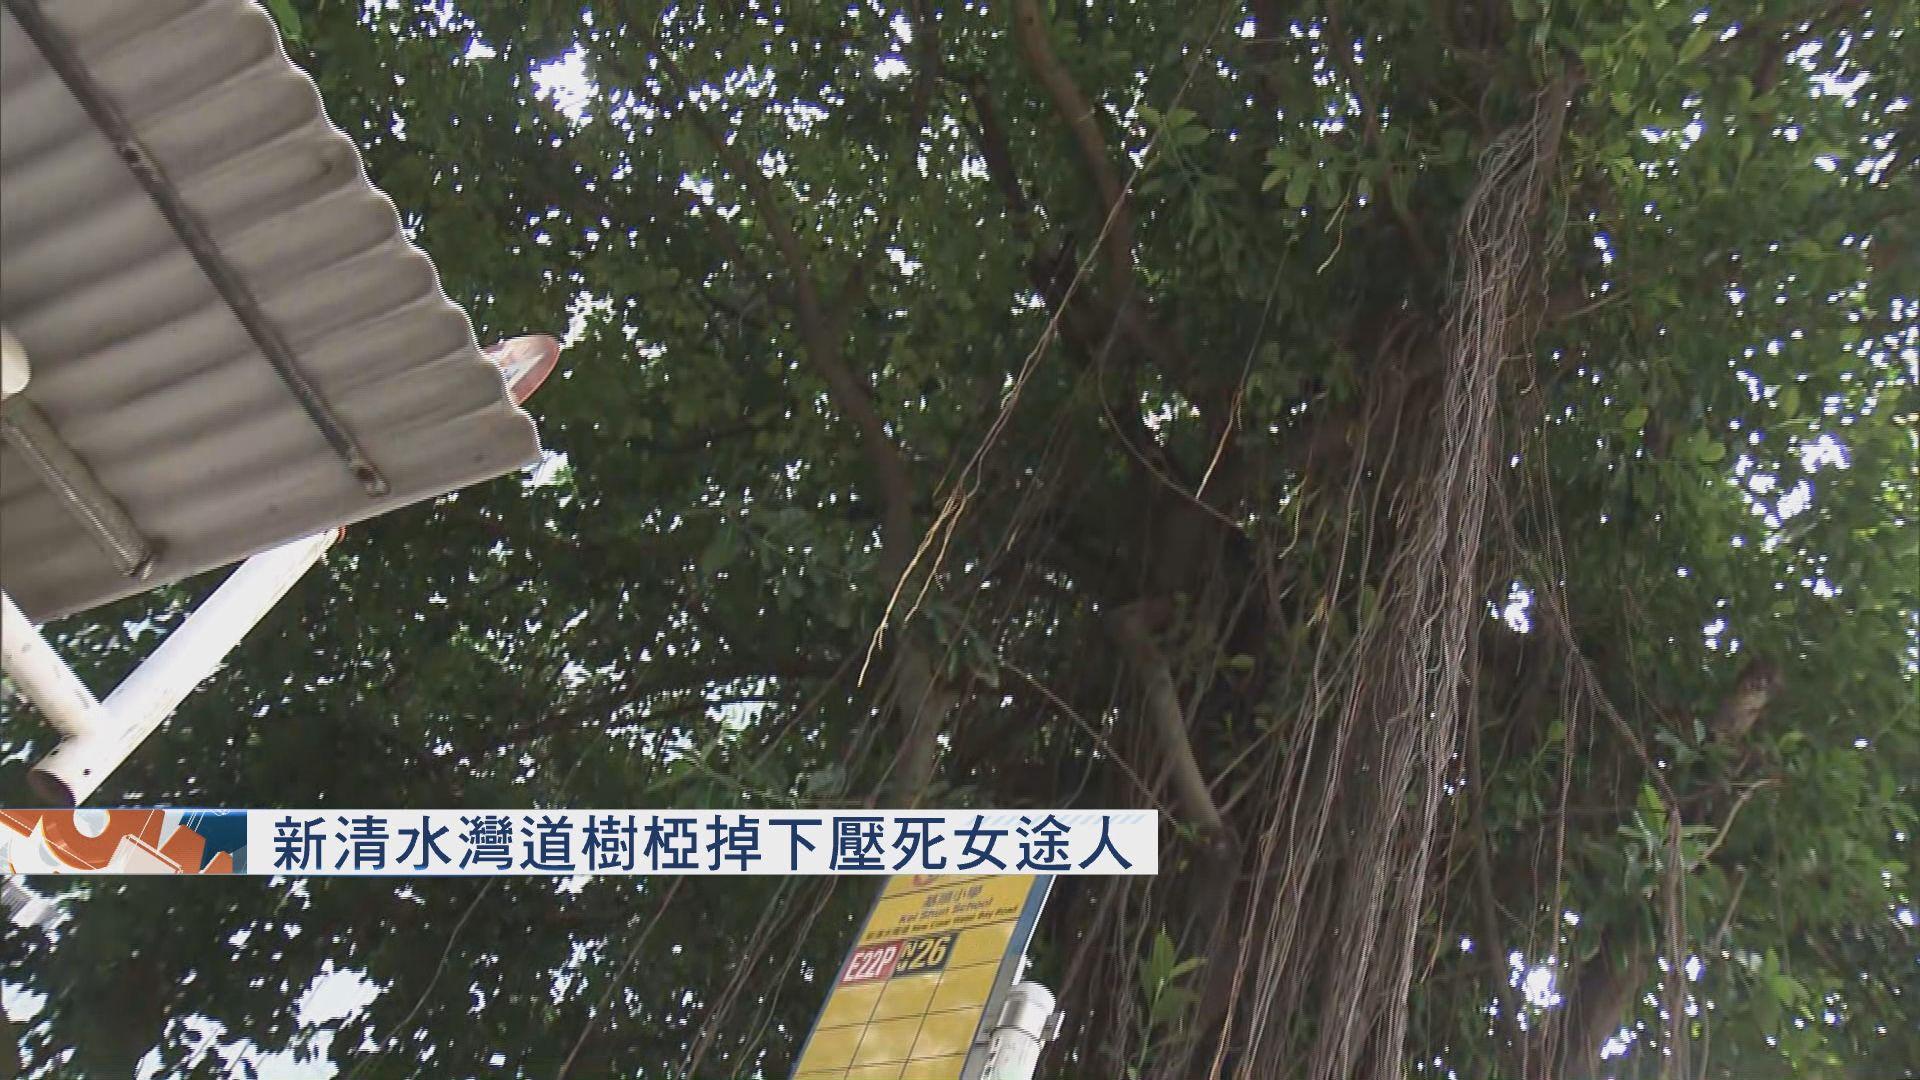 新清水灣道塌樹壓死女途人 據報死者為外傭